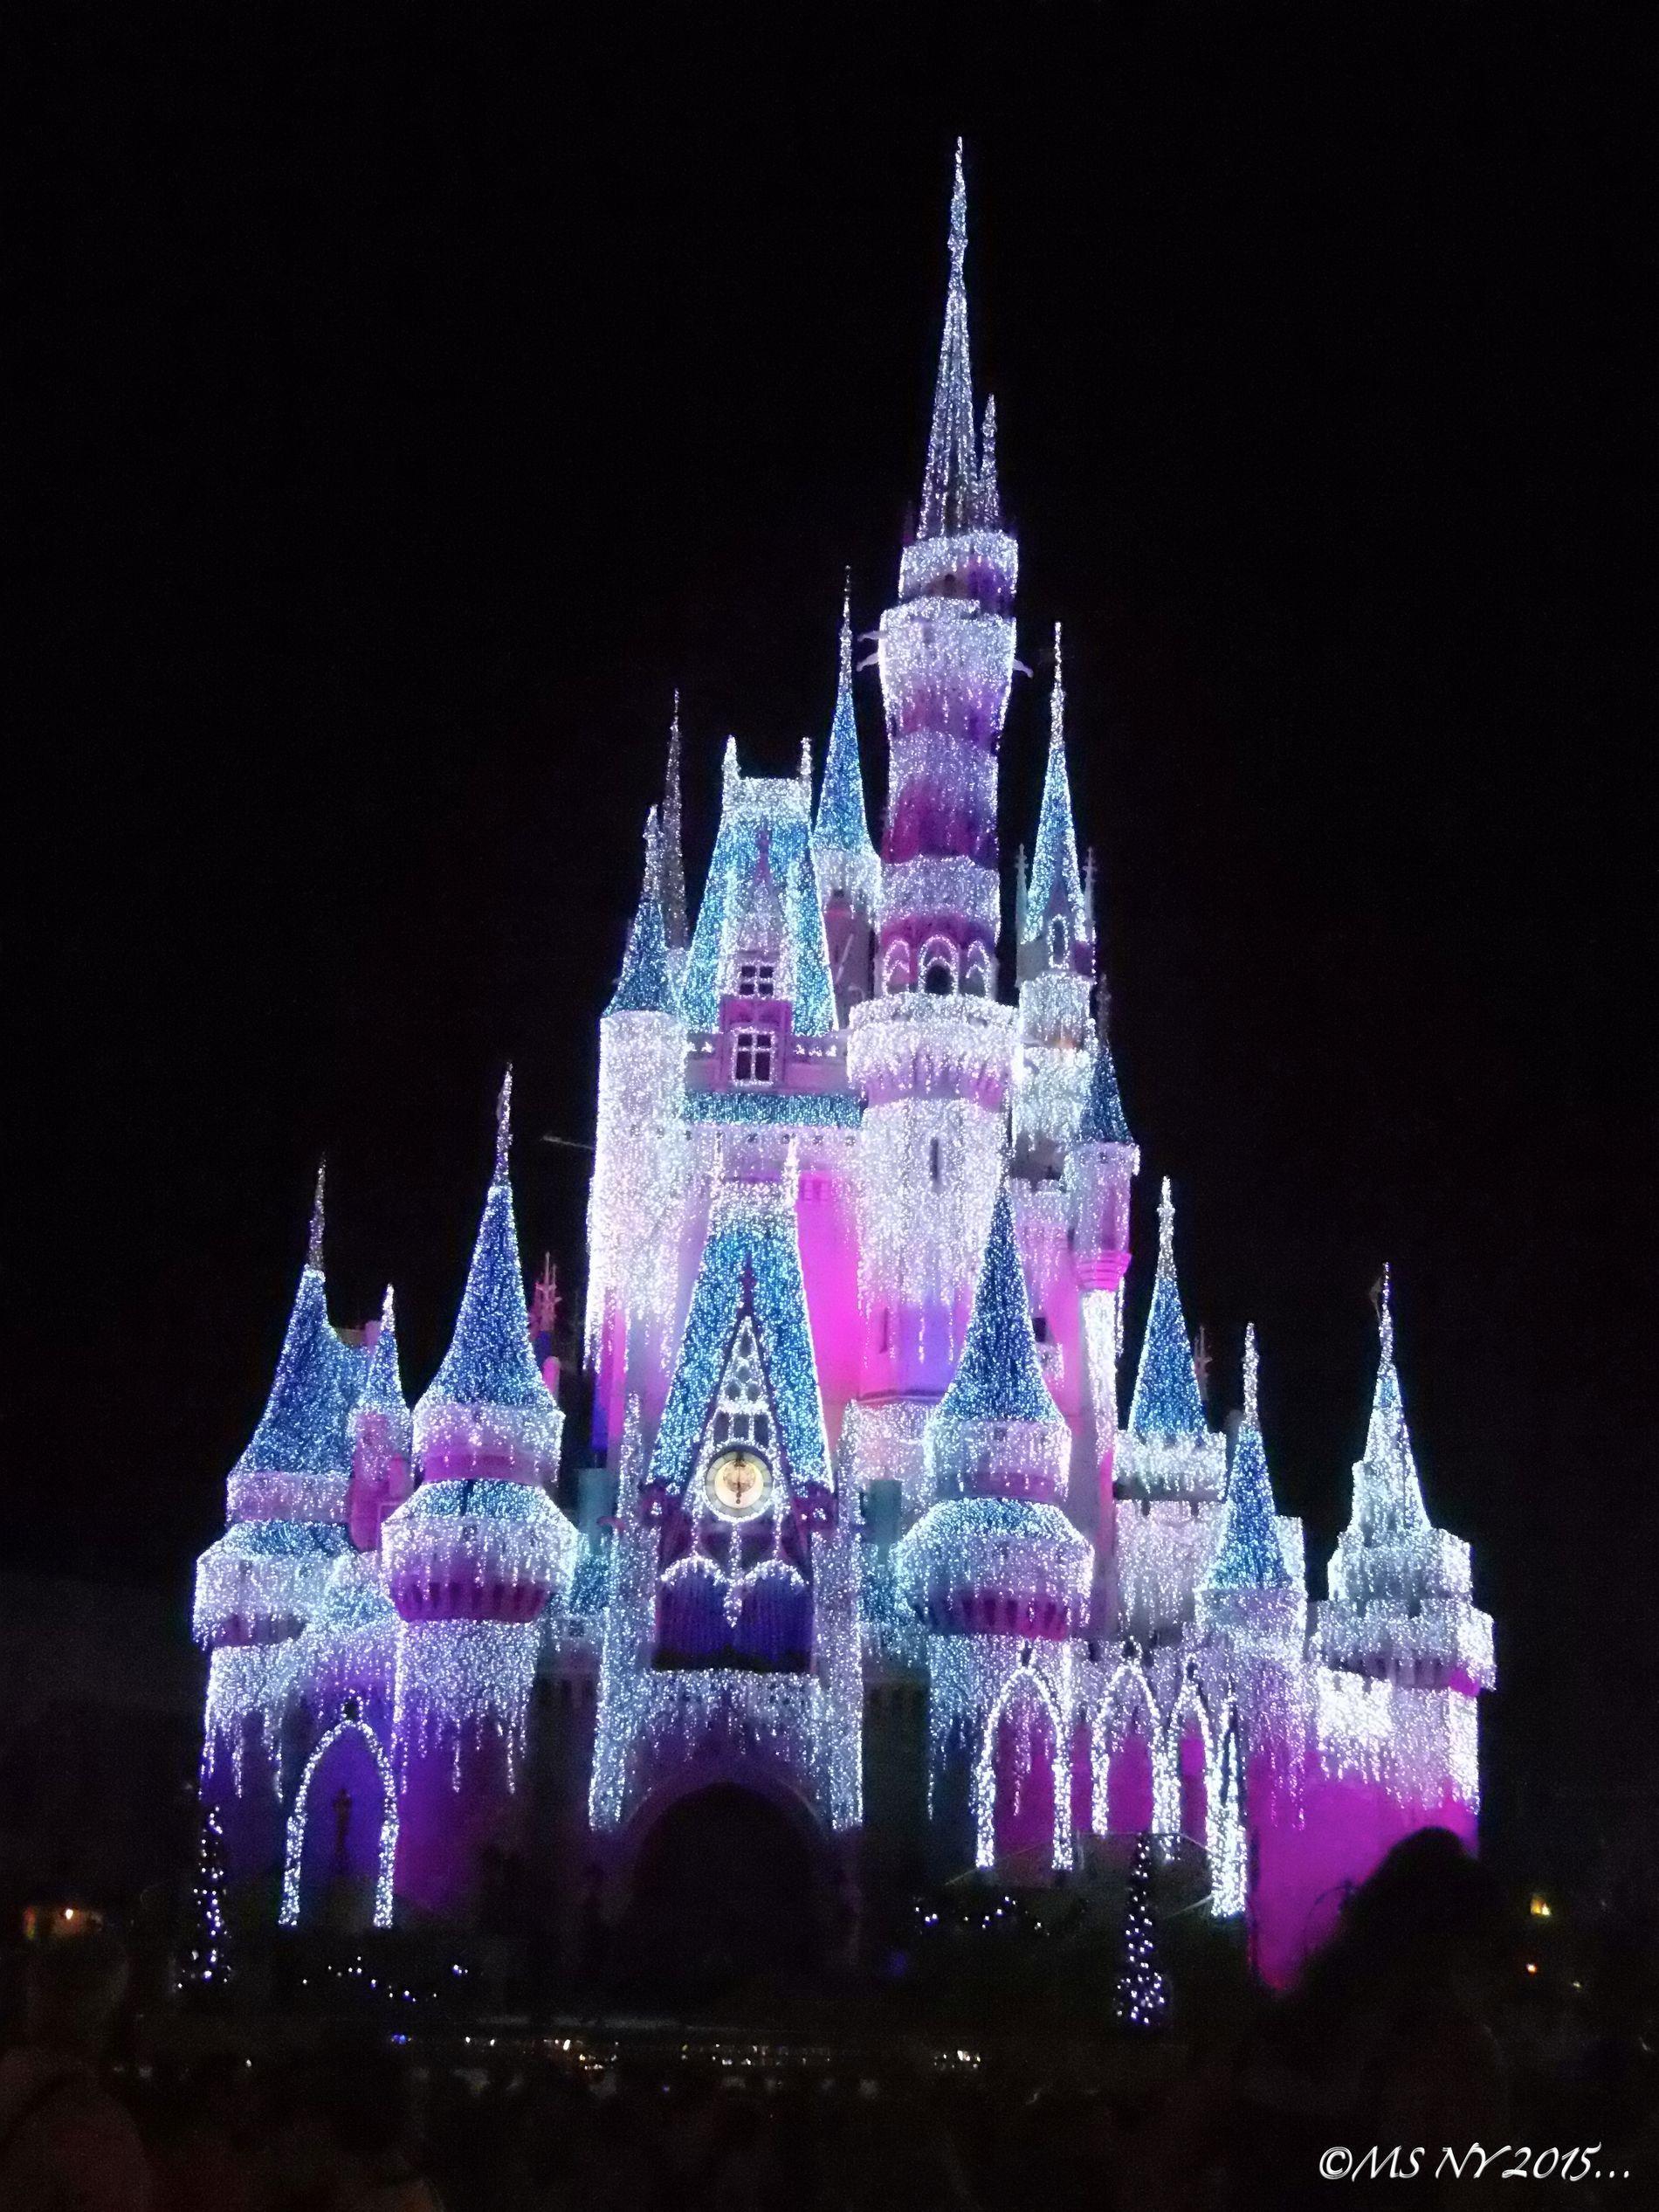 Cinderella Castle Christmas Lights.Cinderella S Castle Decorated With Christmas Lights 2015